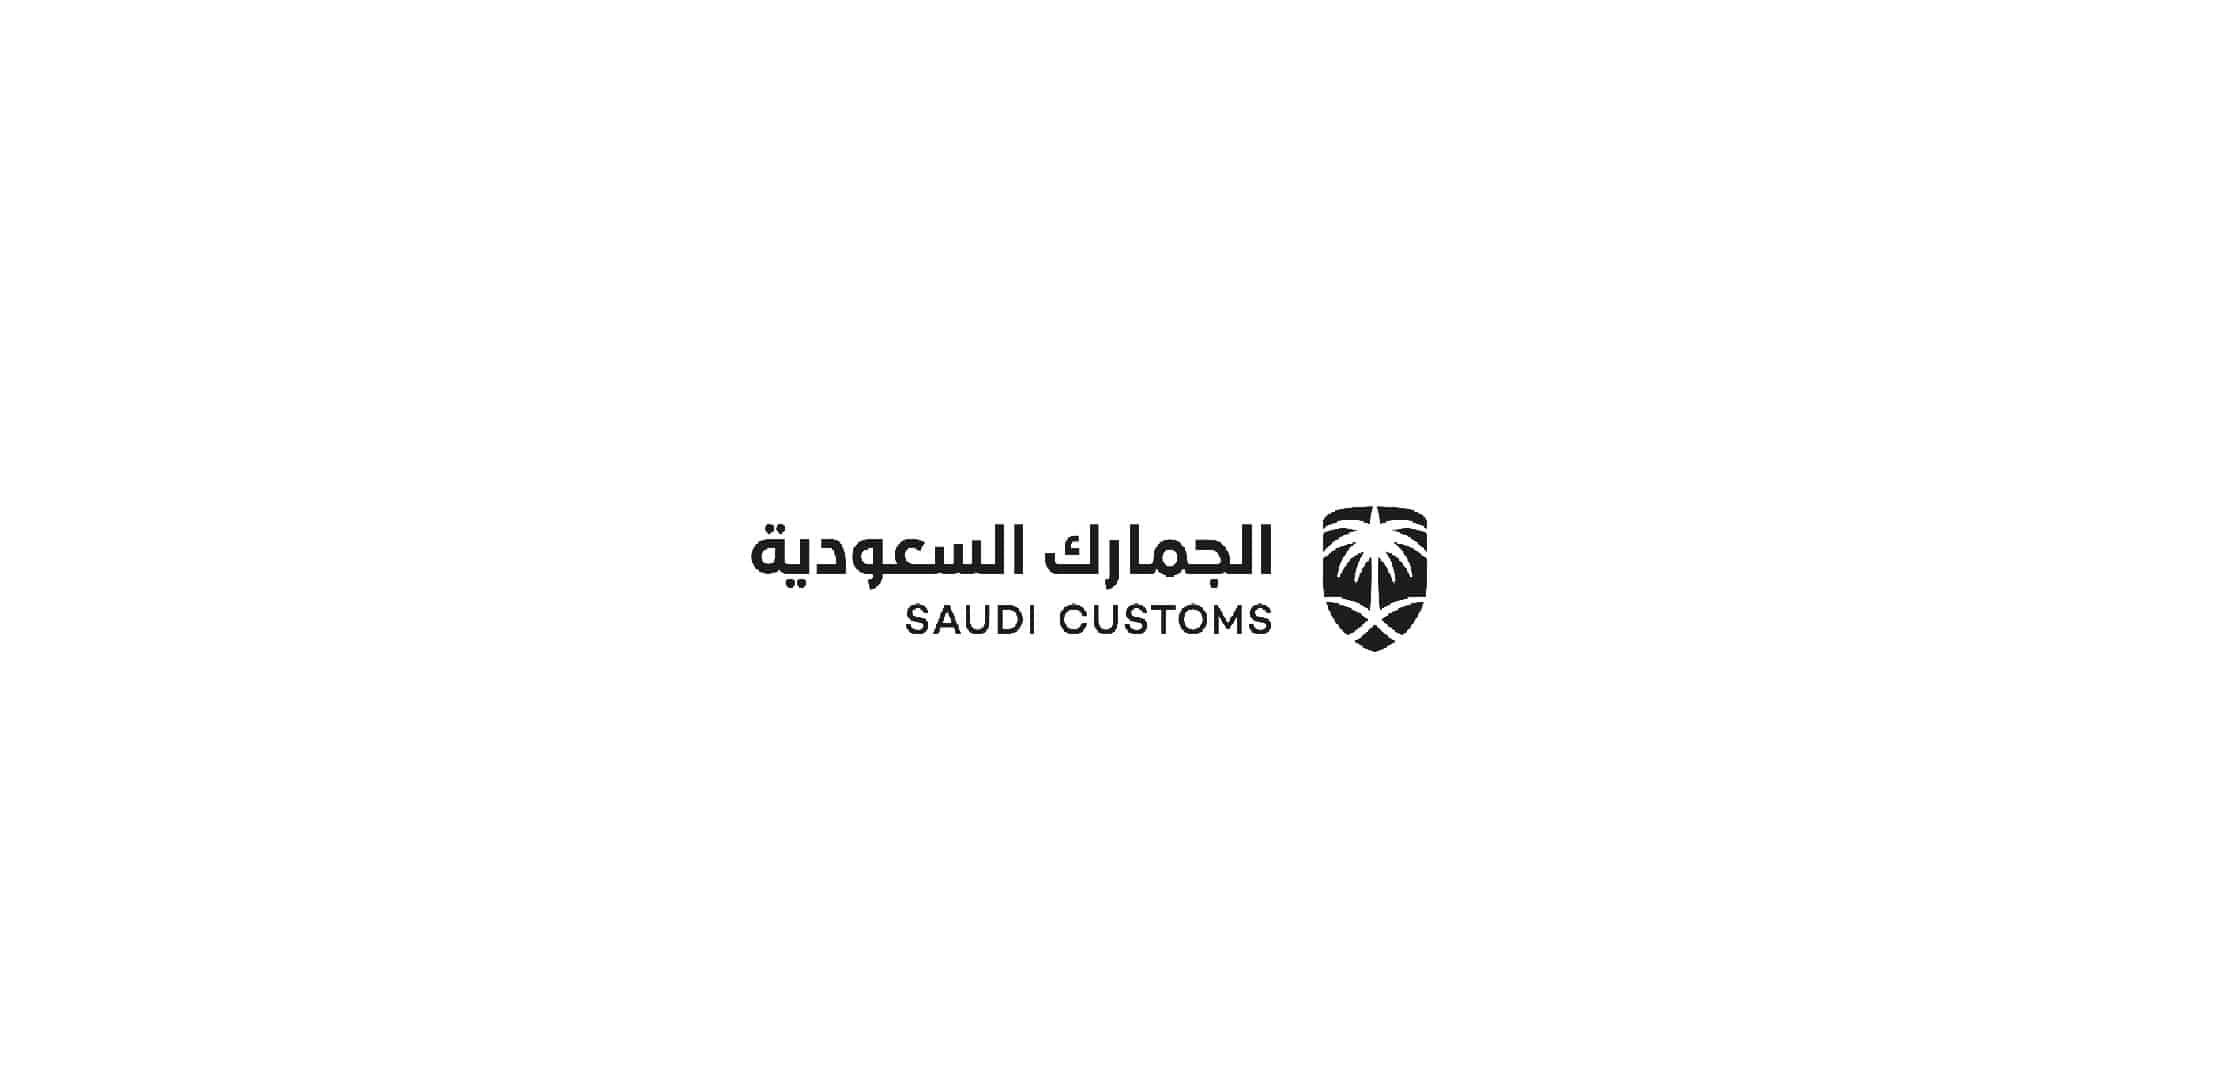 الجمارك السعودية تعلن عن توفر وظائف إدارية في مدينة الرياض لحملة البكالوريوس والماجستير Math Custom Math Equations